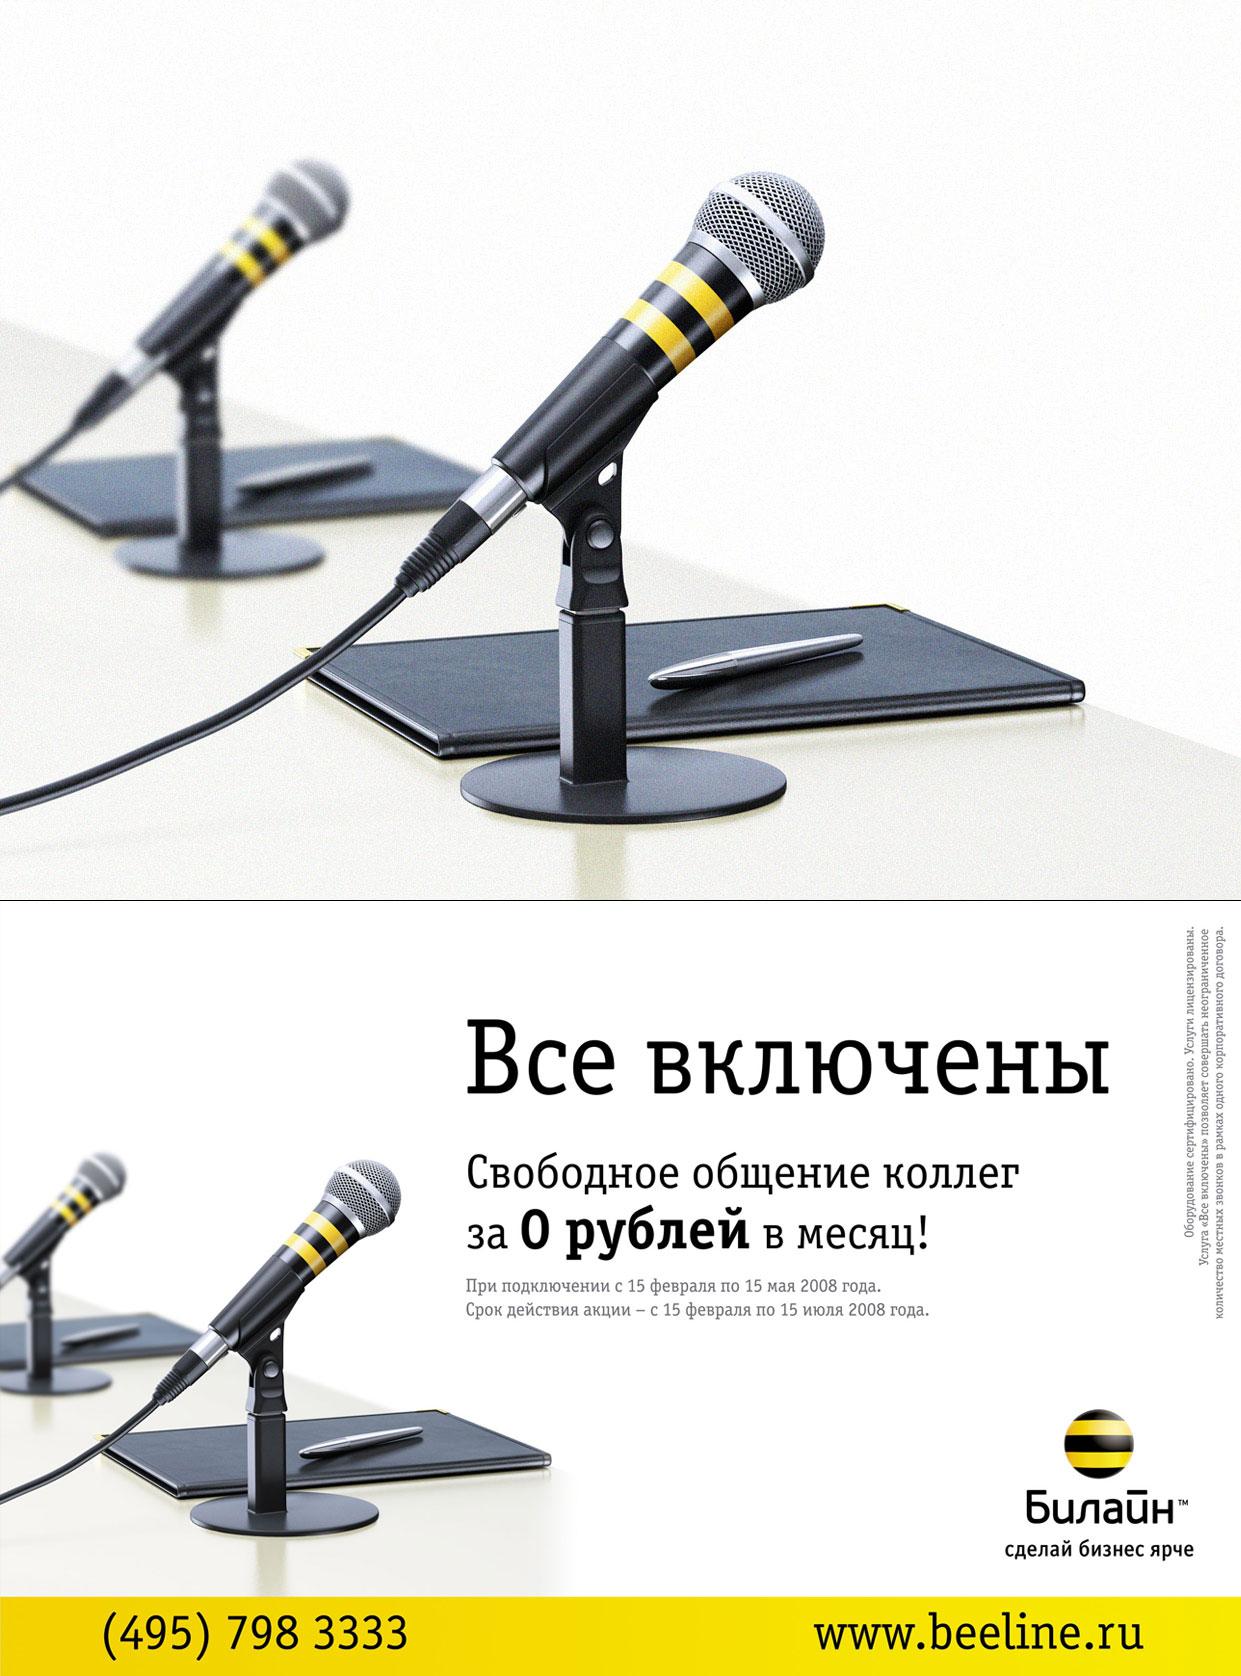 Микрофоны Beeline